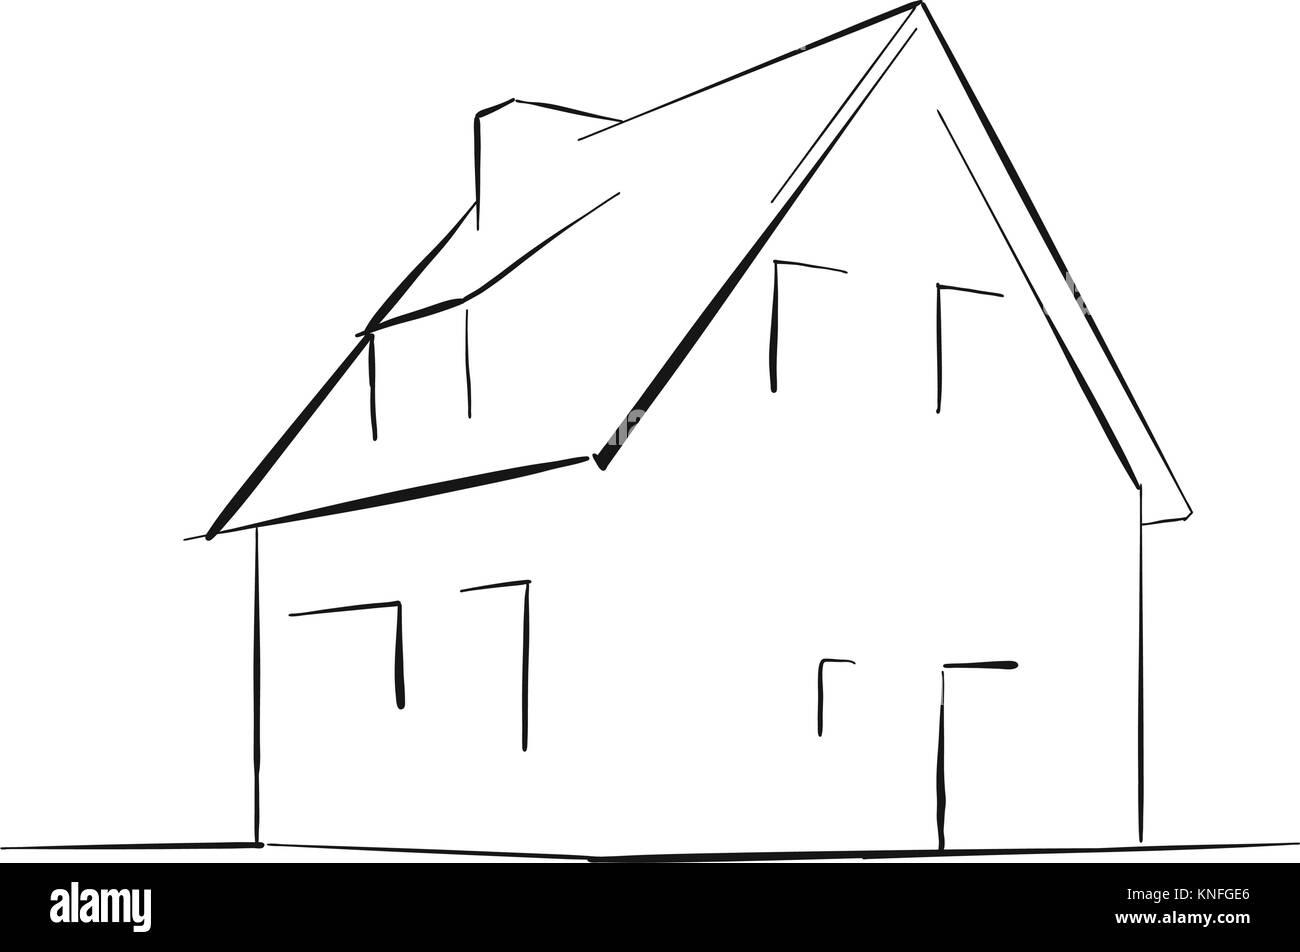 Maison de ville générique vector croquis version contour très simple mais le dessin dynamique